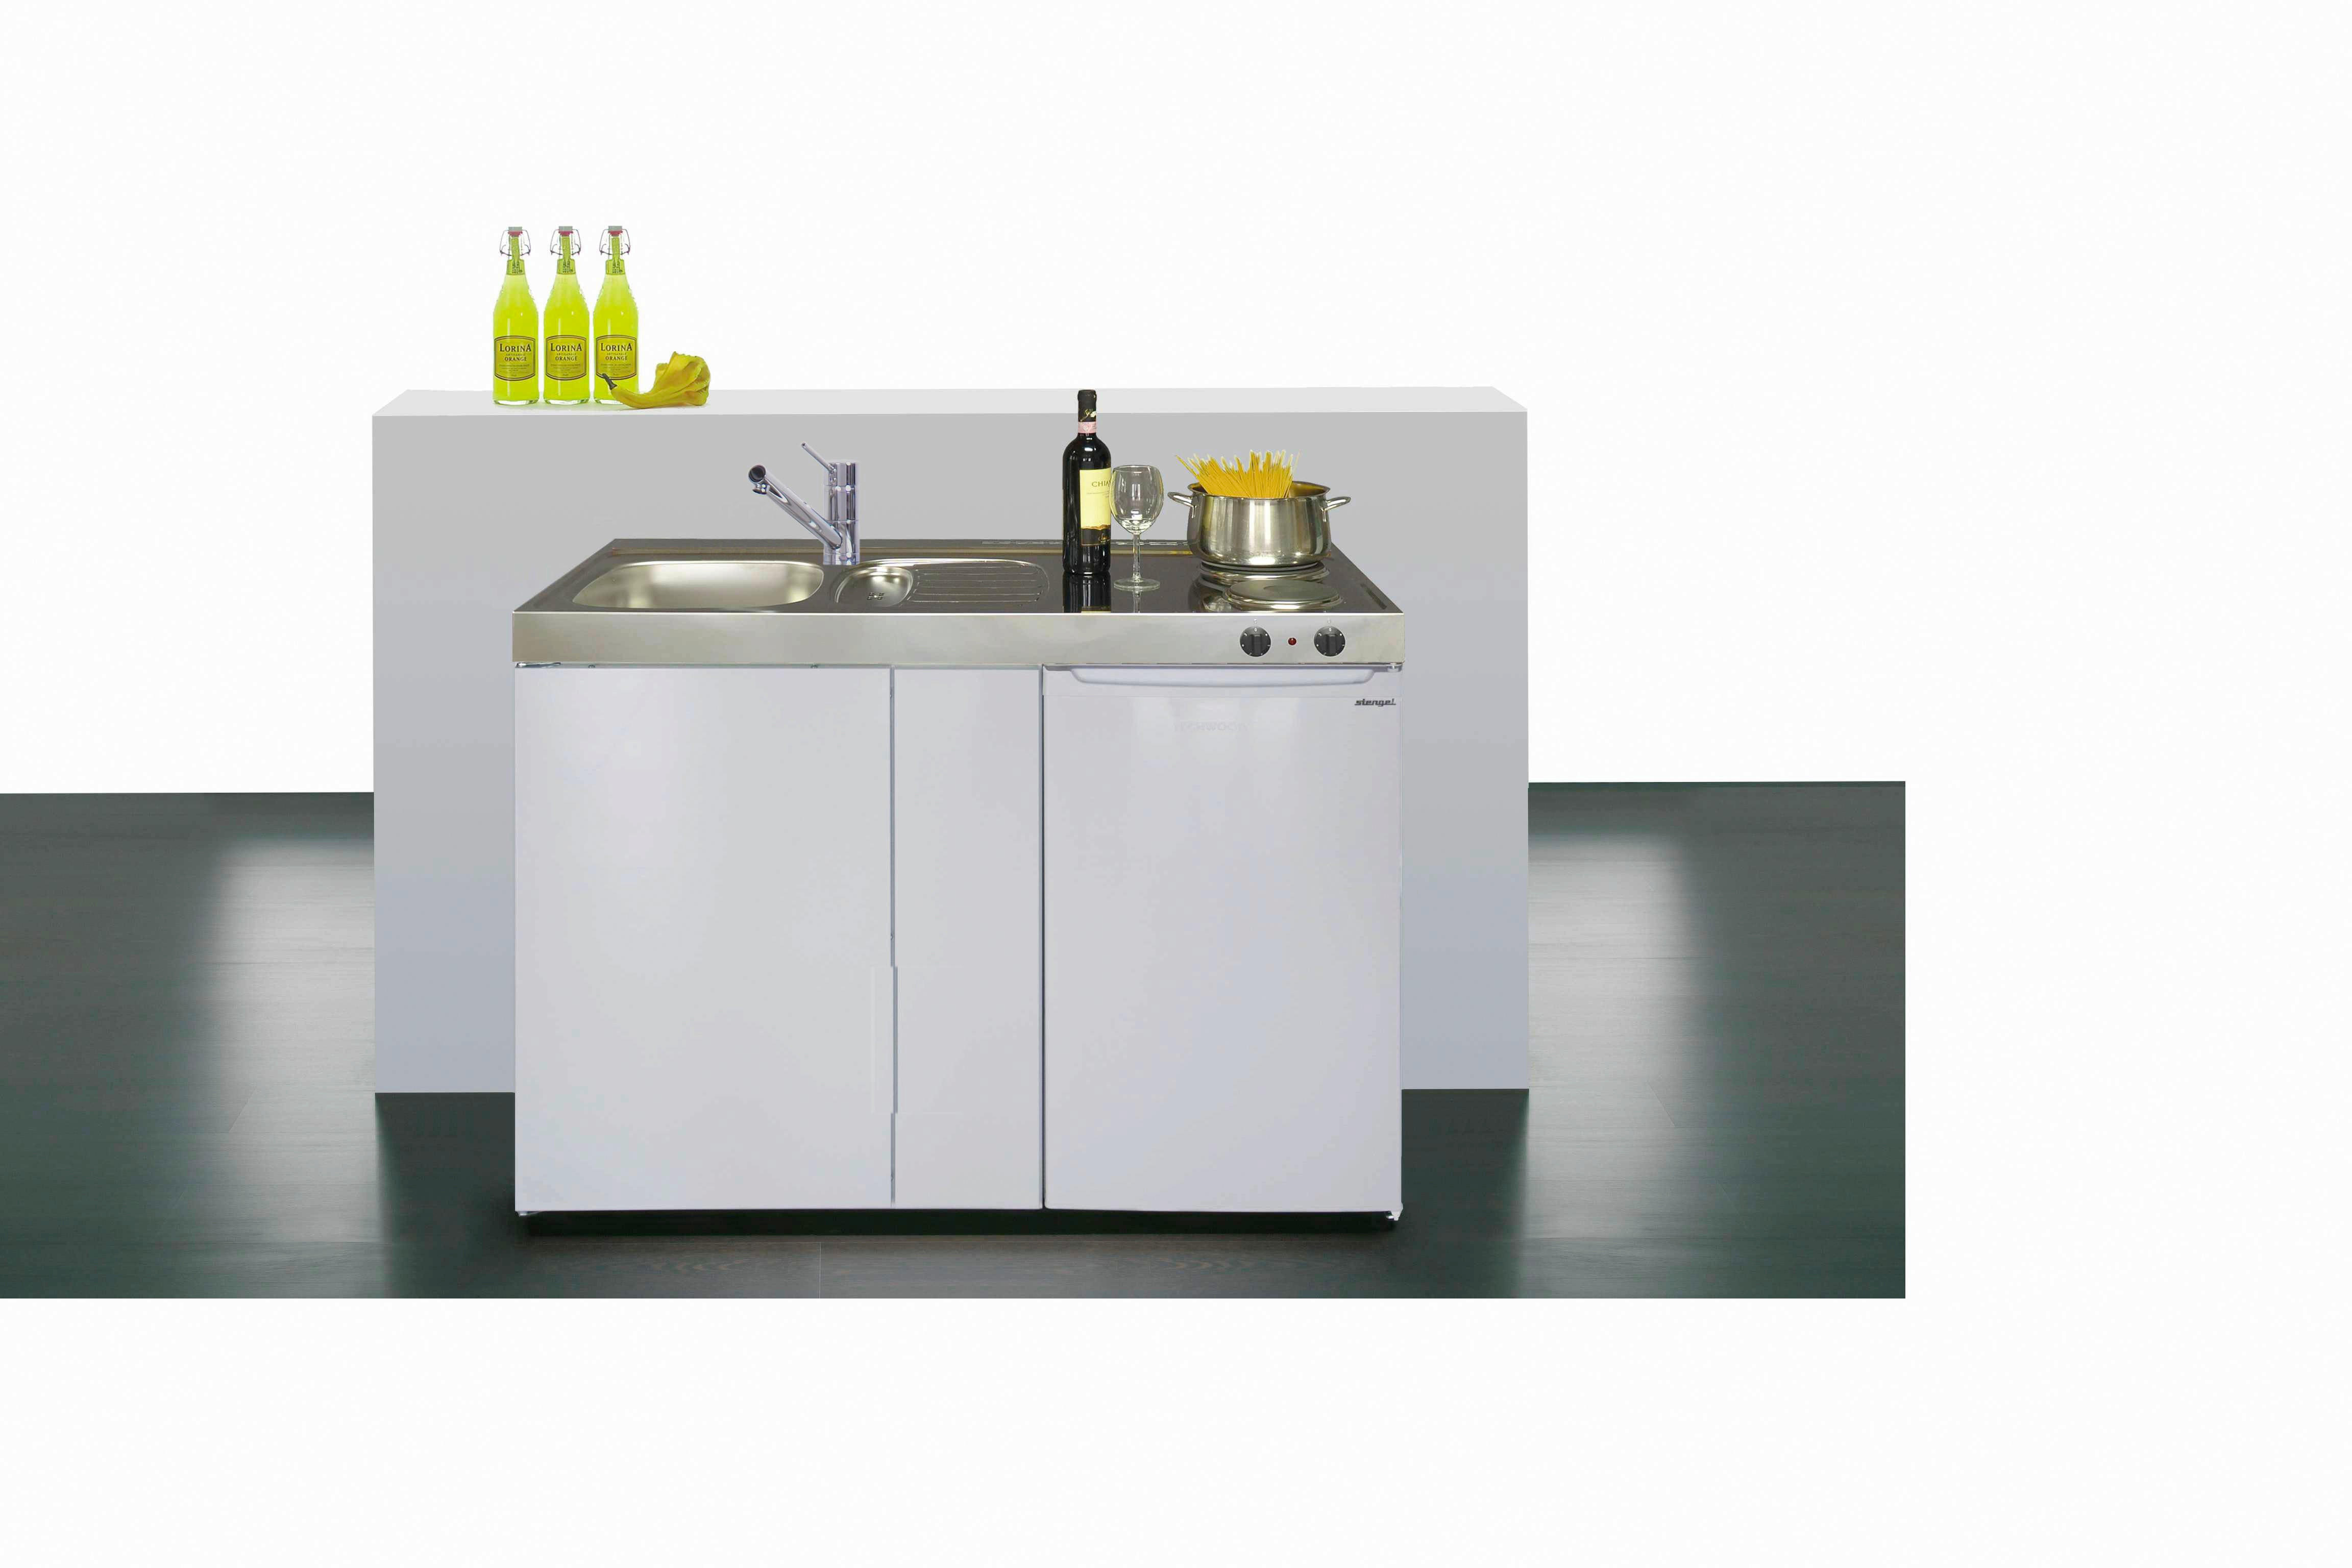 Miniküche 120 Cm Breit Mit Kühlschrank : Miniküche online kaufen ➤ xxxlutz